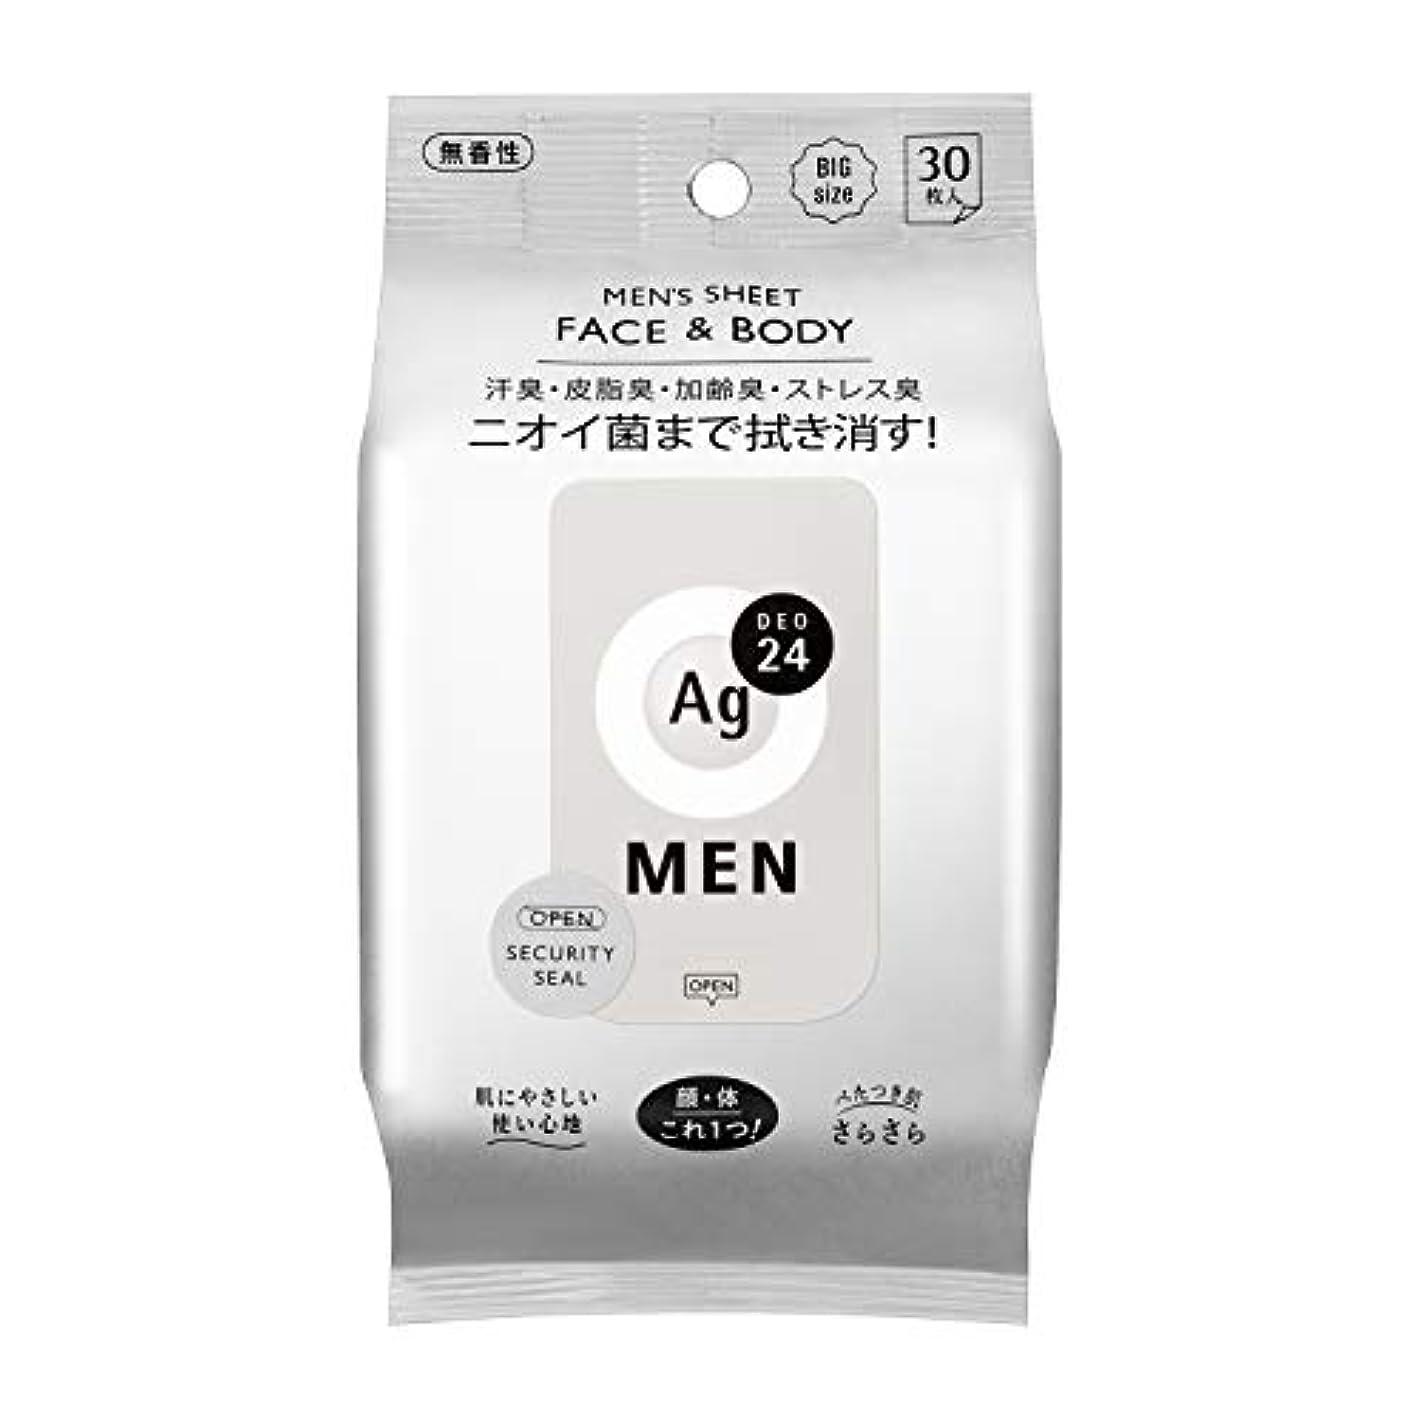 村高度なお誕生日エージーデオ24 エージー24メン メンズシート フェイス&ボディ(無香性)30枚